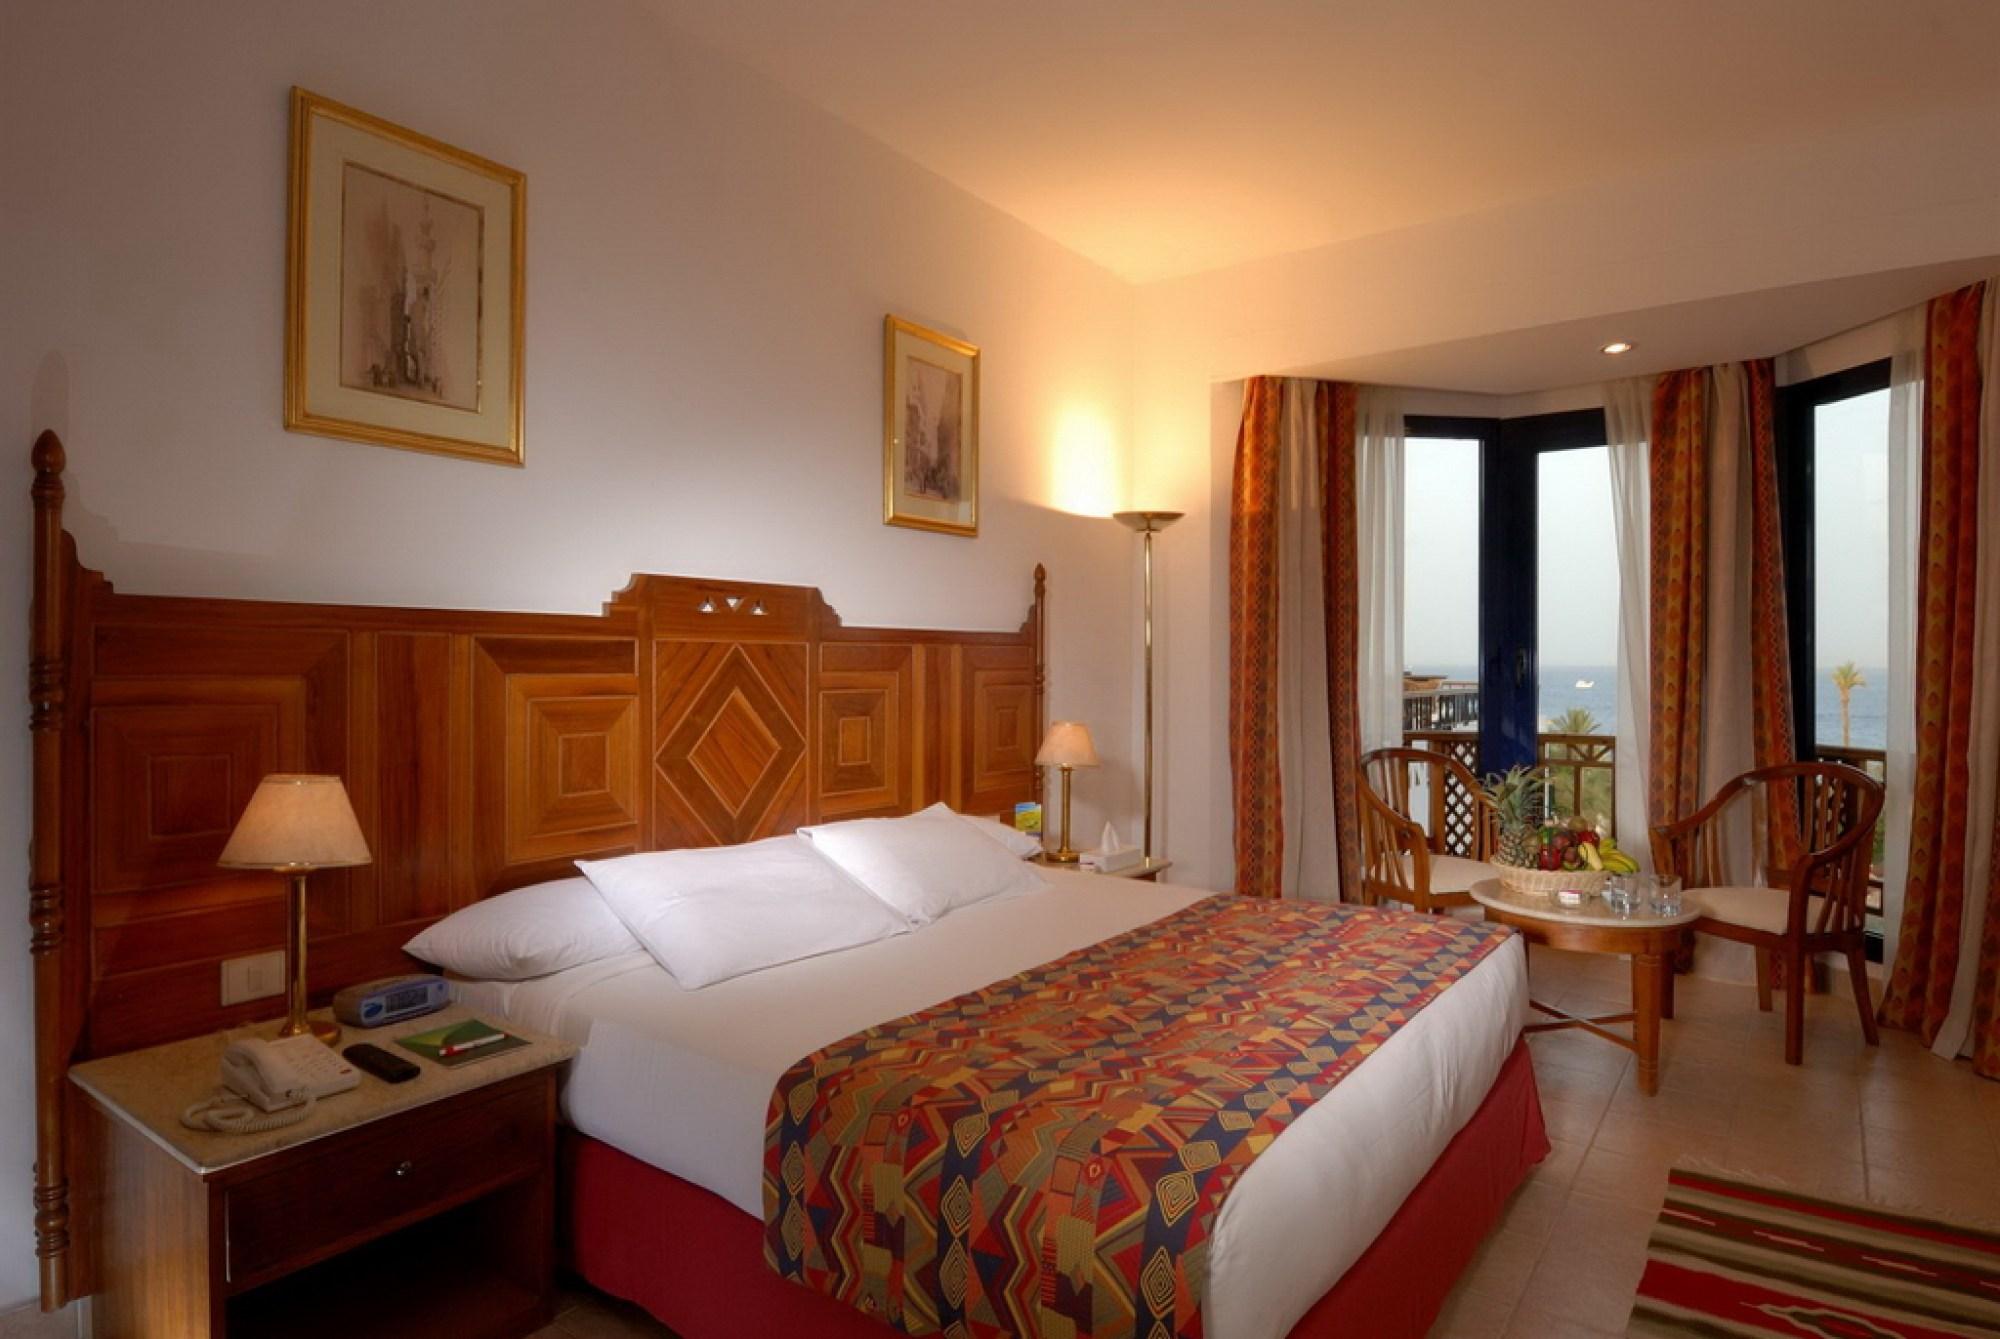 туры_в_отель_Otium_Hotel_Amphoras_Sharm_5_5